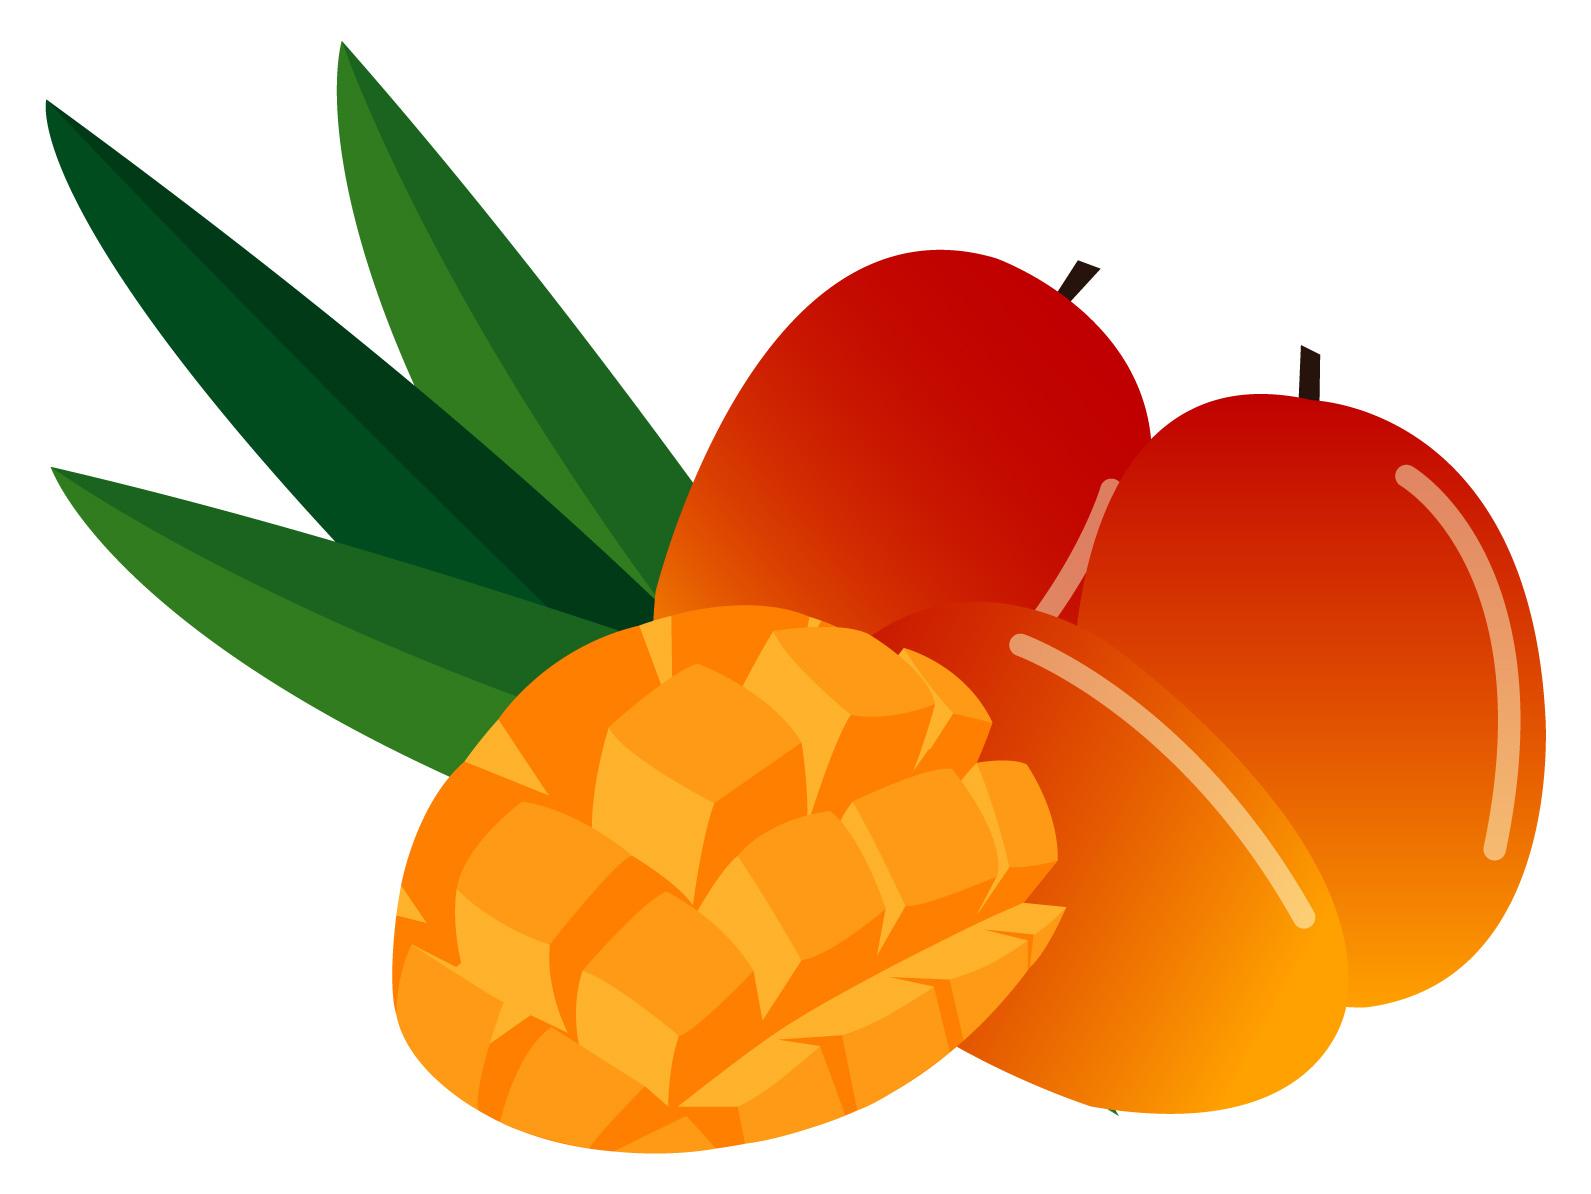 【マンゴーの食べ過ぎに注意】下痢やアレルギーなどの影響・適正量についても紹介!